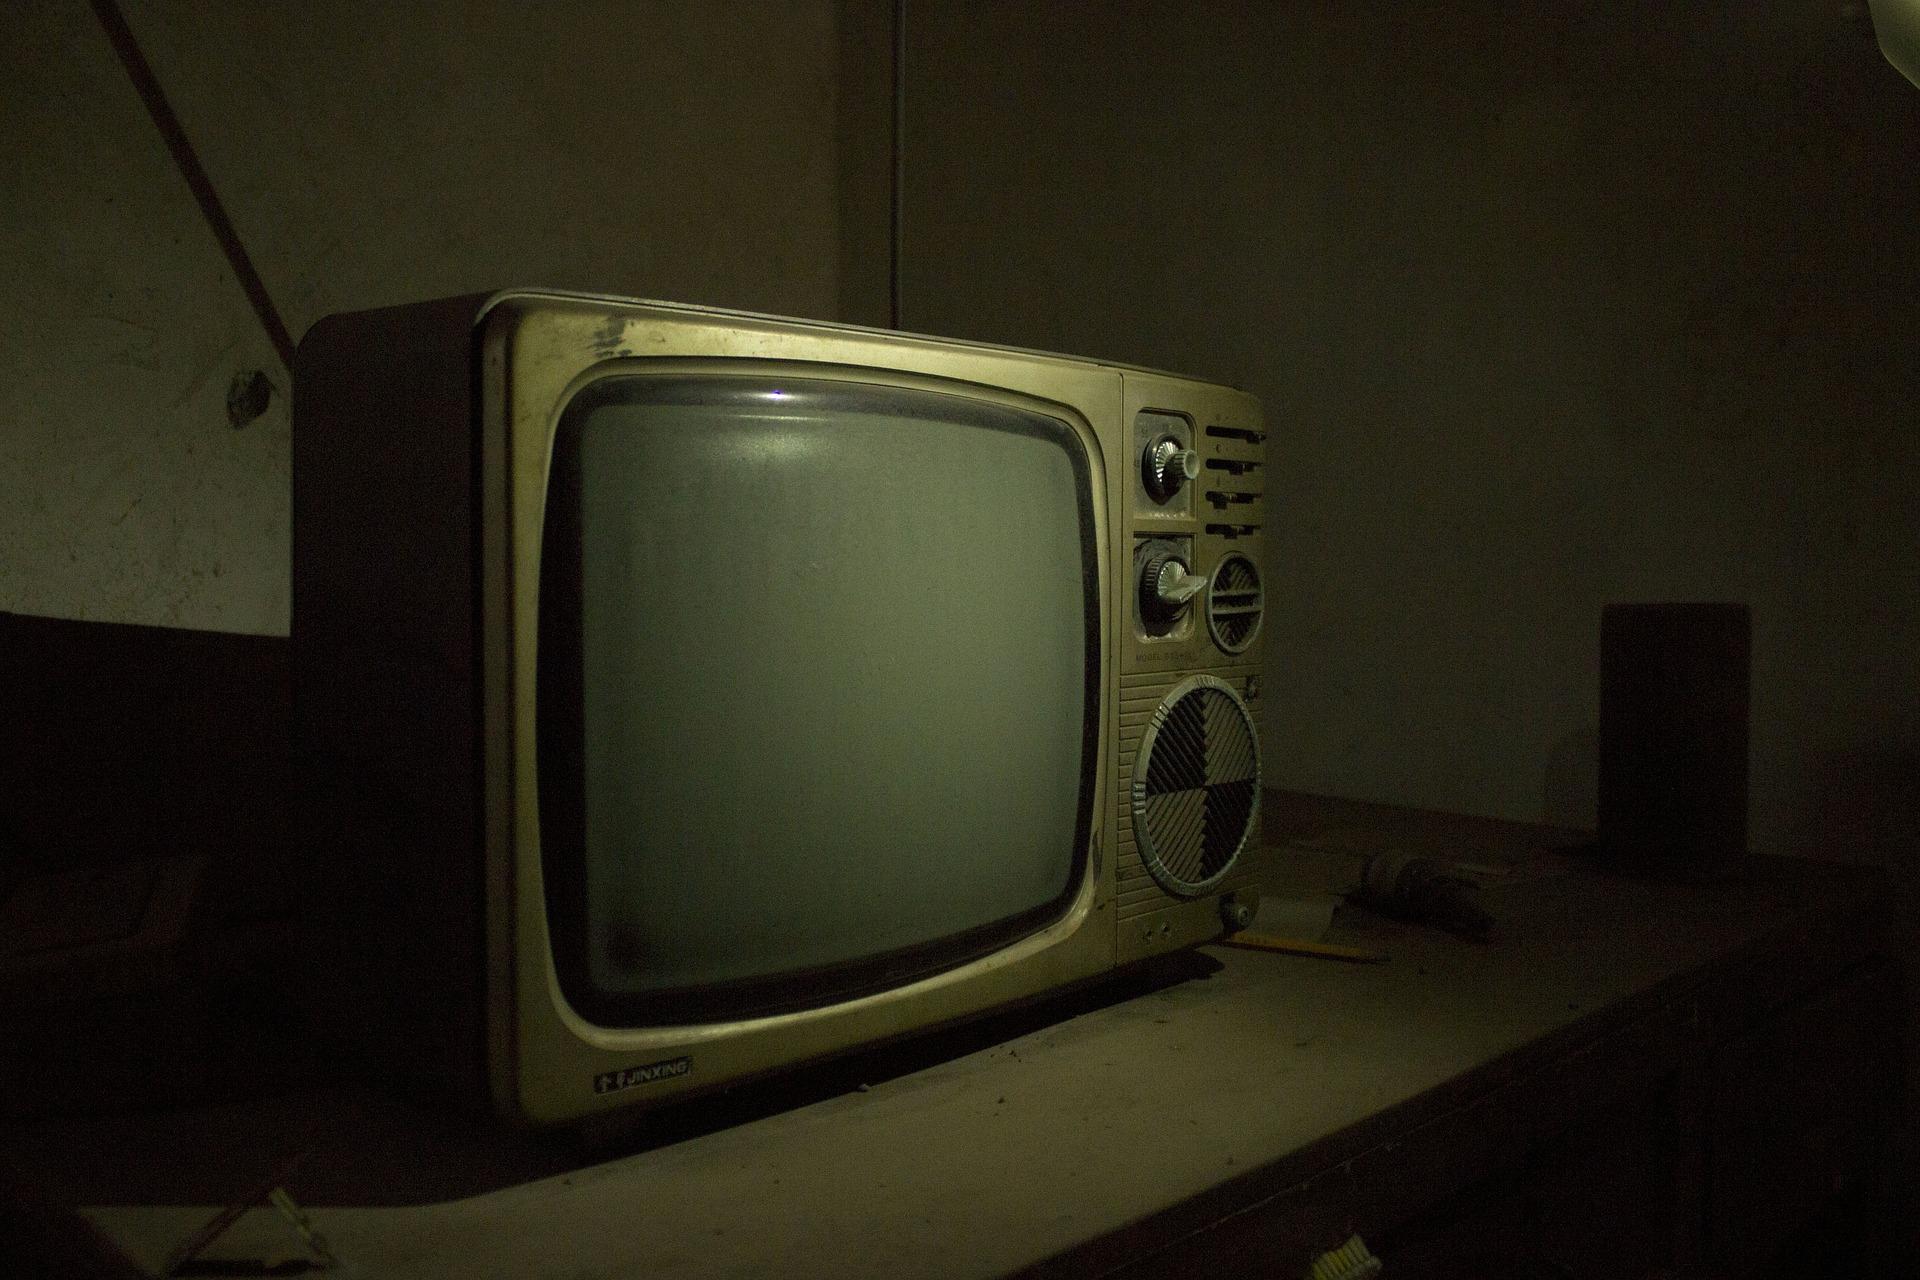 Când victima este expusă la televizor